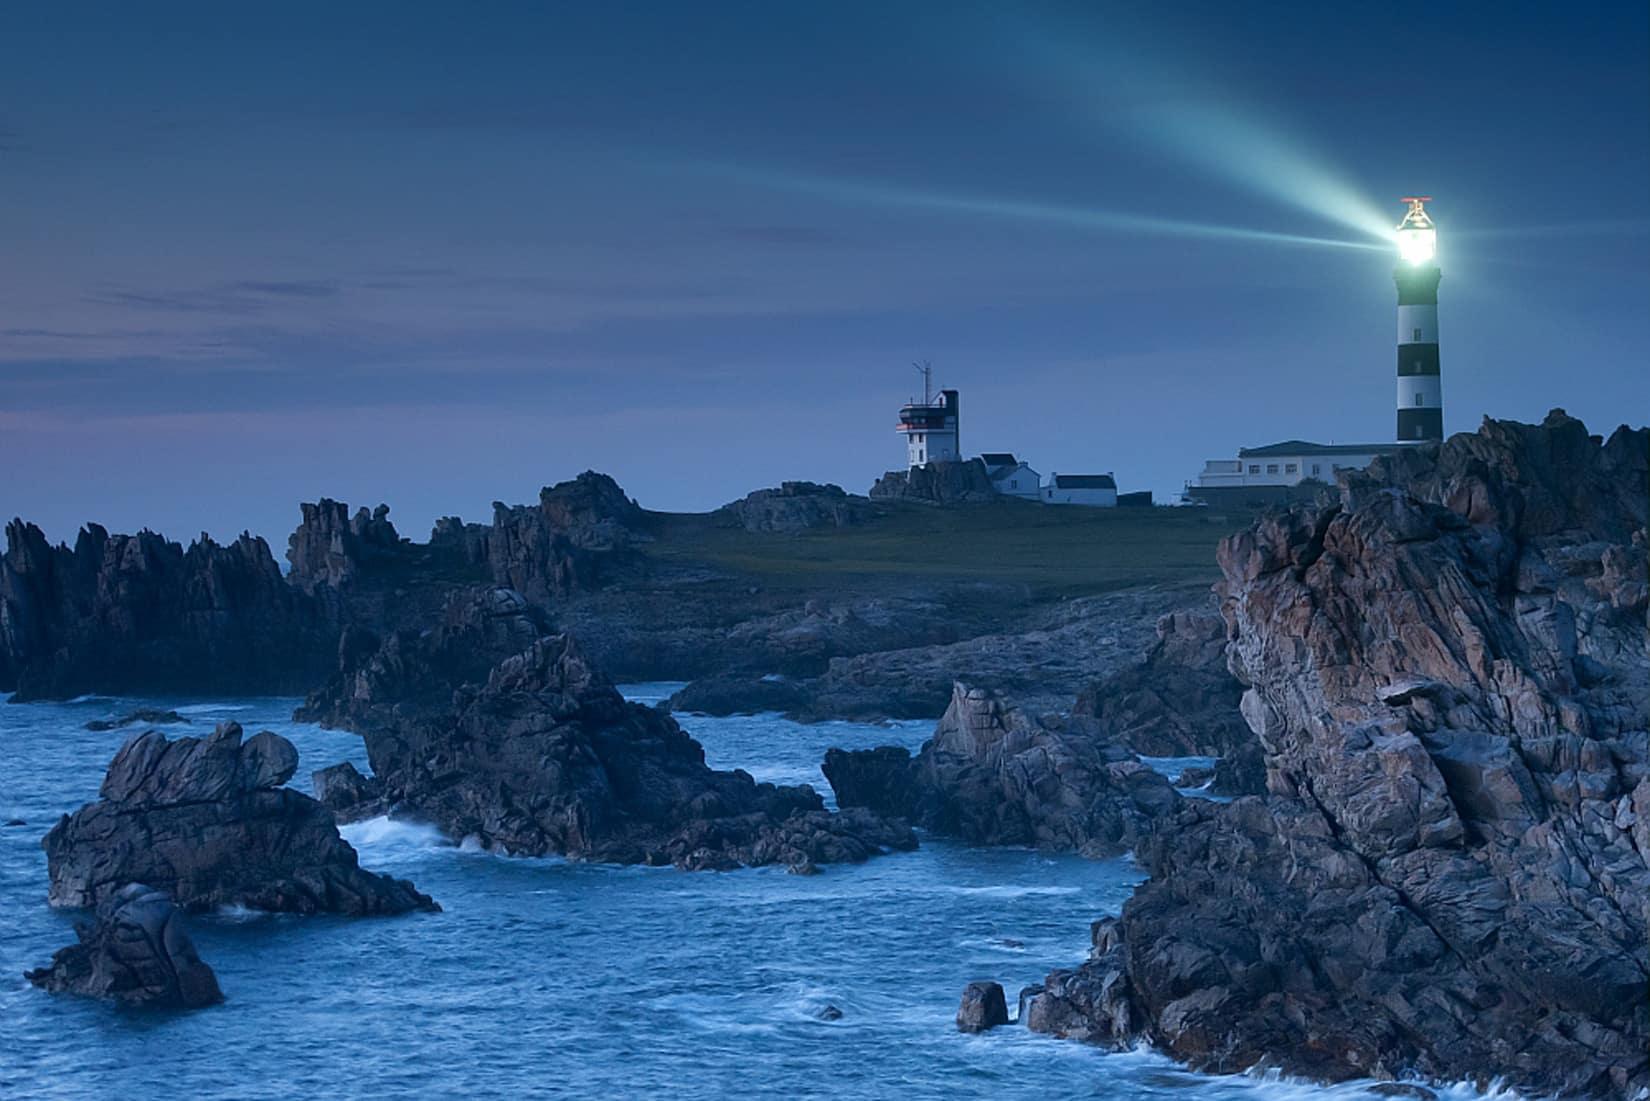 Vue sur l'île d'Ouessant et le phare du Creac'h de nuit © BERTHIER Emmanuel - CRTB